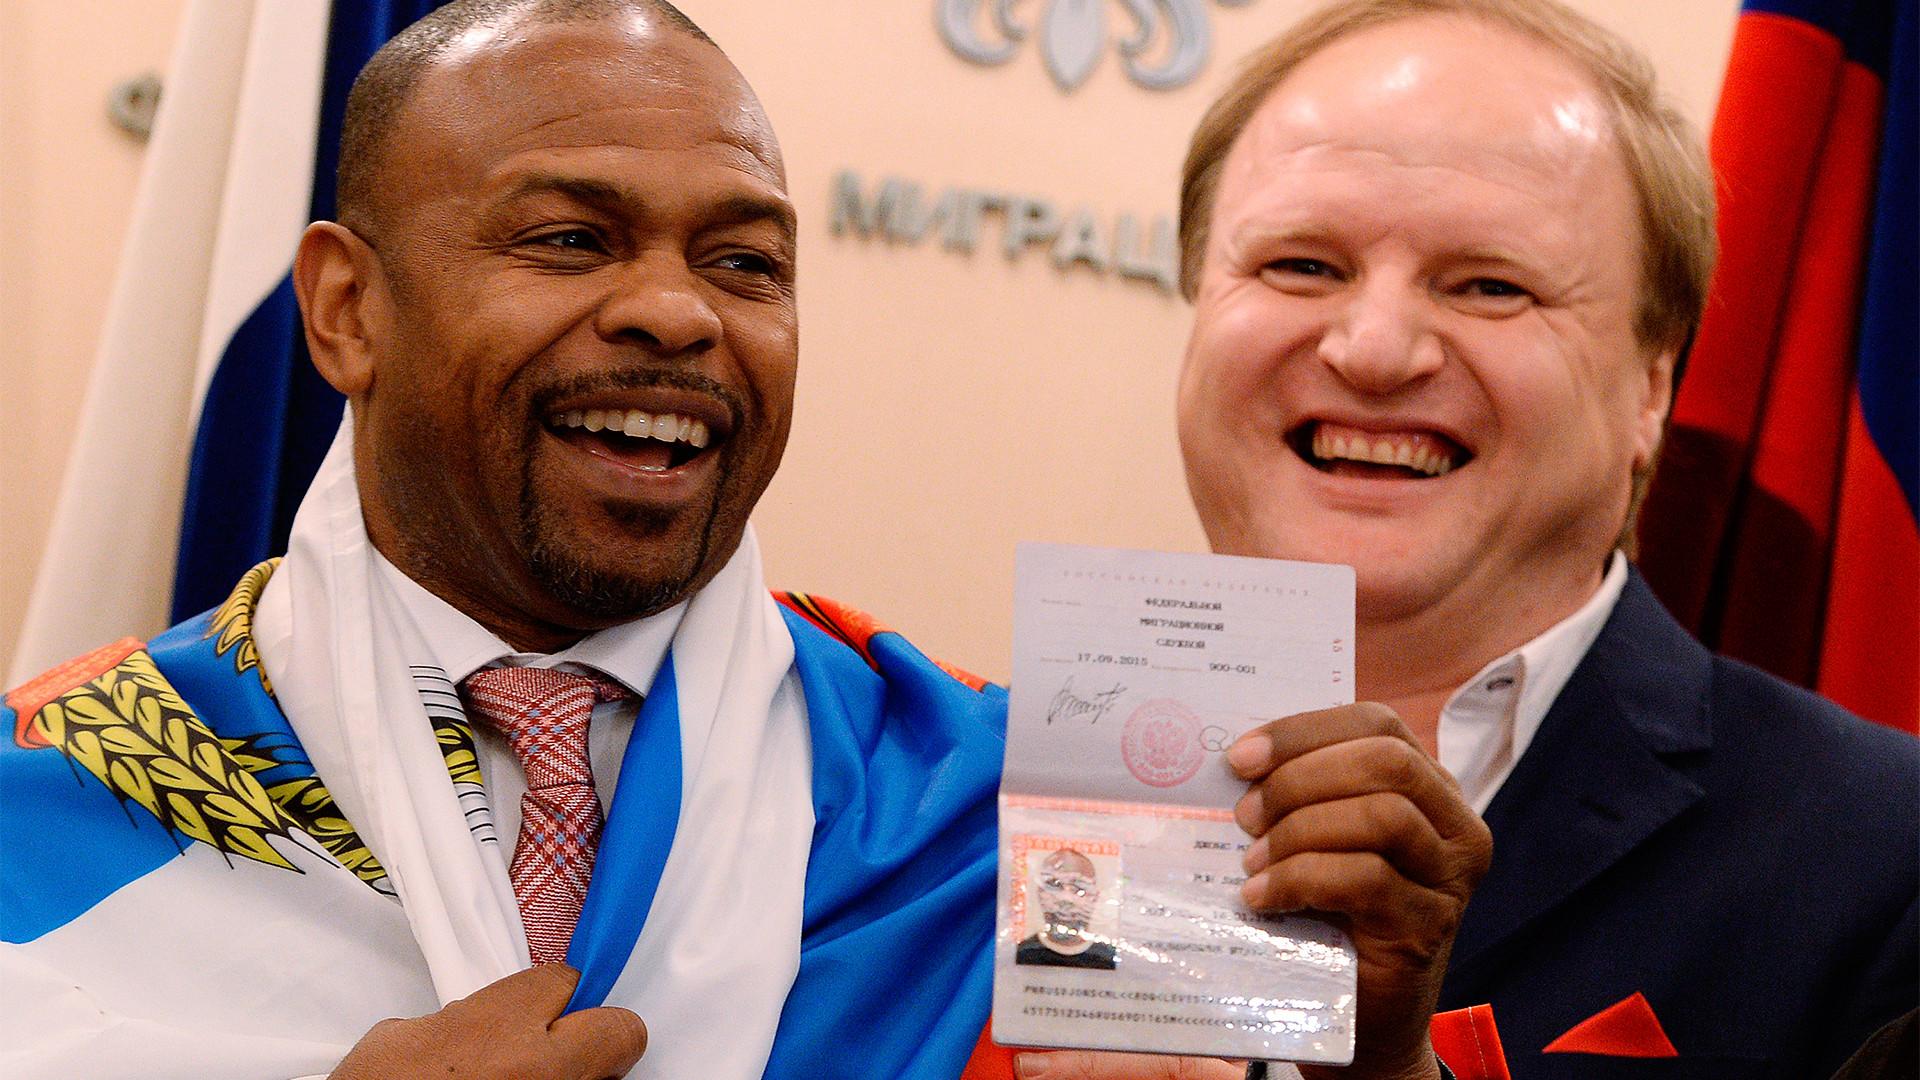 Le boxeur américain Roy Jones Jr. venant de recevoir son passeport russe